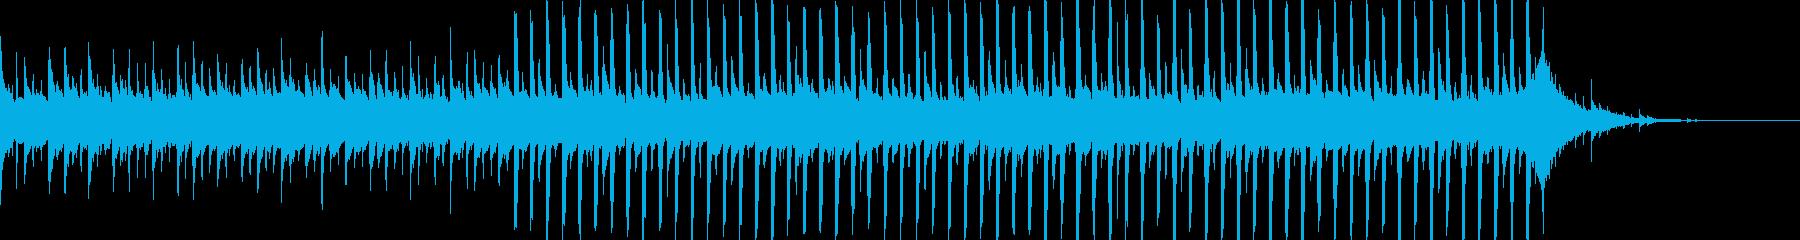 企業VP系28、爽やかギター4つ打ち7bの再生済みの波形